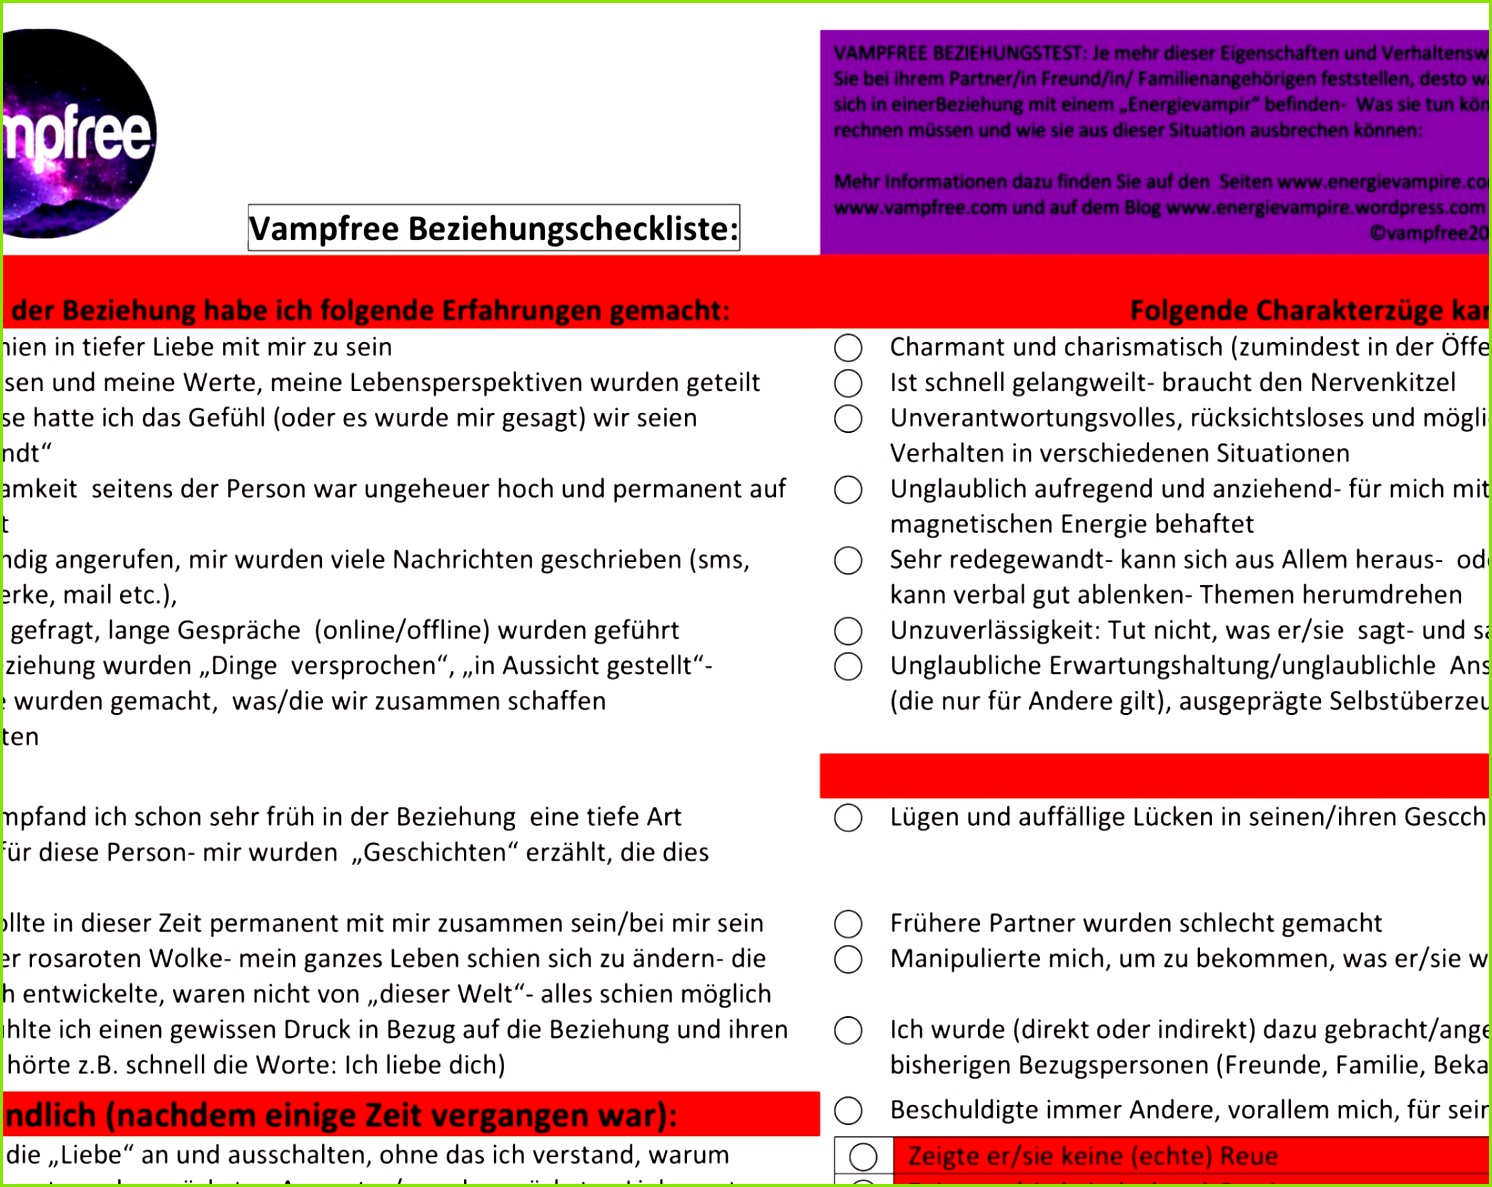 Checkliste Vampfree Ausschnitt